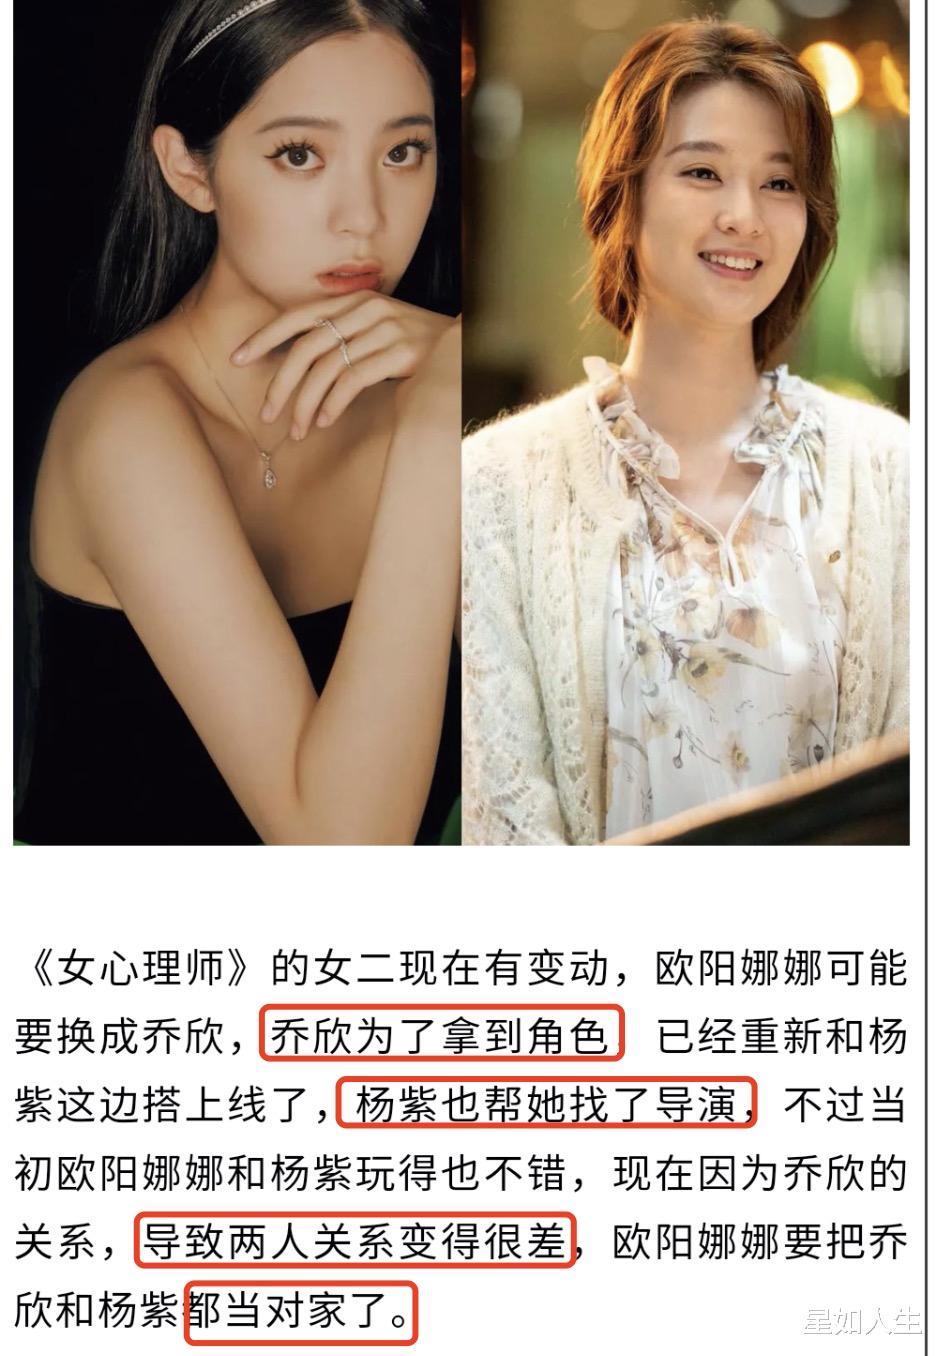 娛記曝喬欣接演《女心理師》內幕: 楊紫幫她找導演, 歐陽娜娜被替換?-圖5